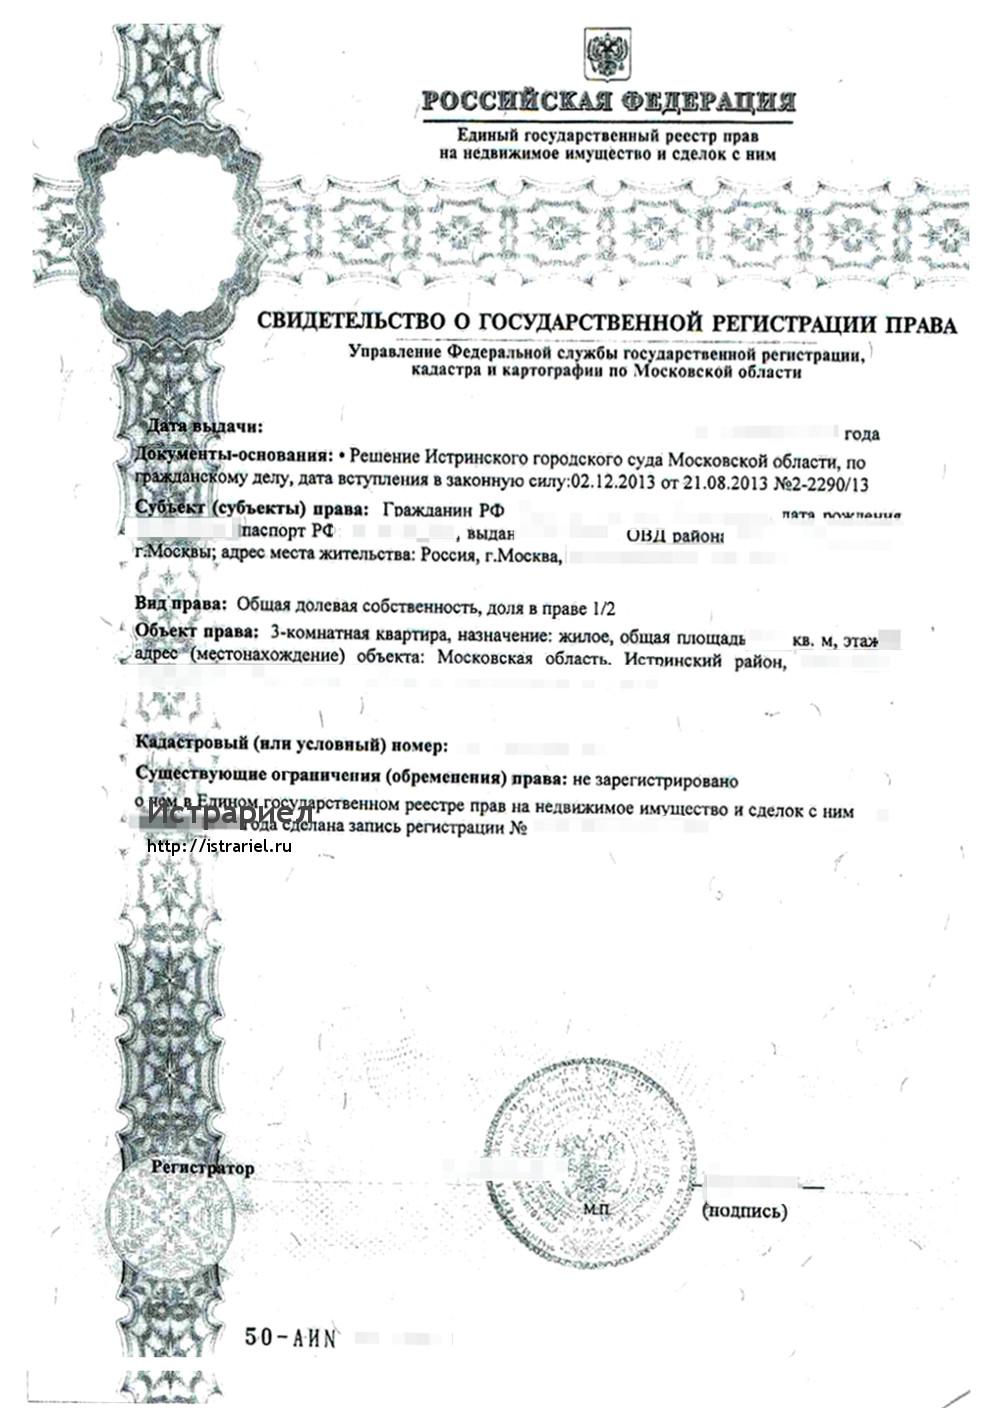 Перечень документов для регистрации права собственности на основании договора долевого участия